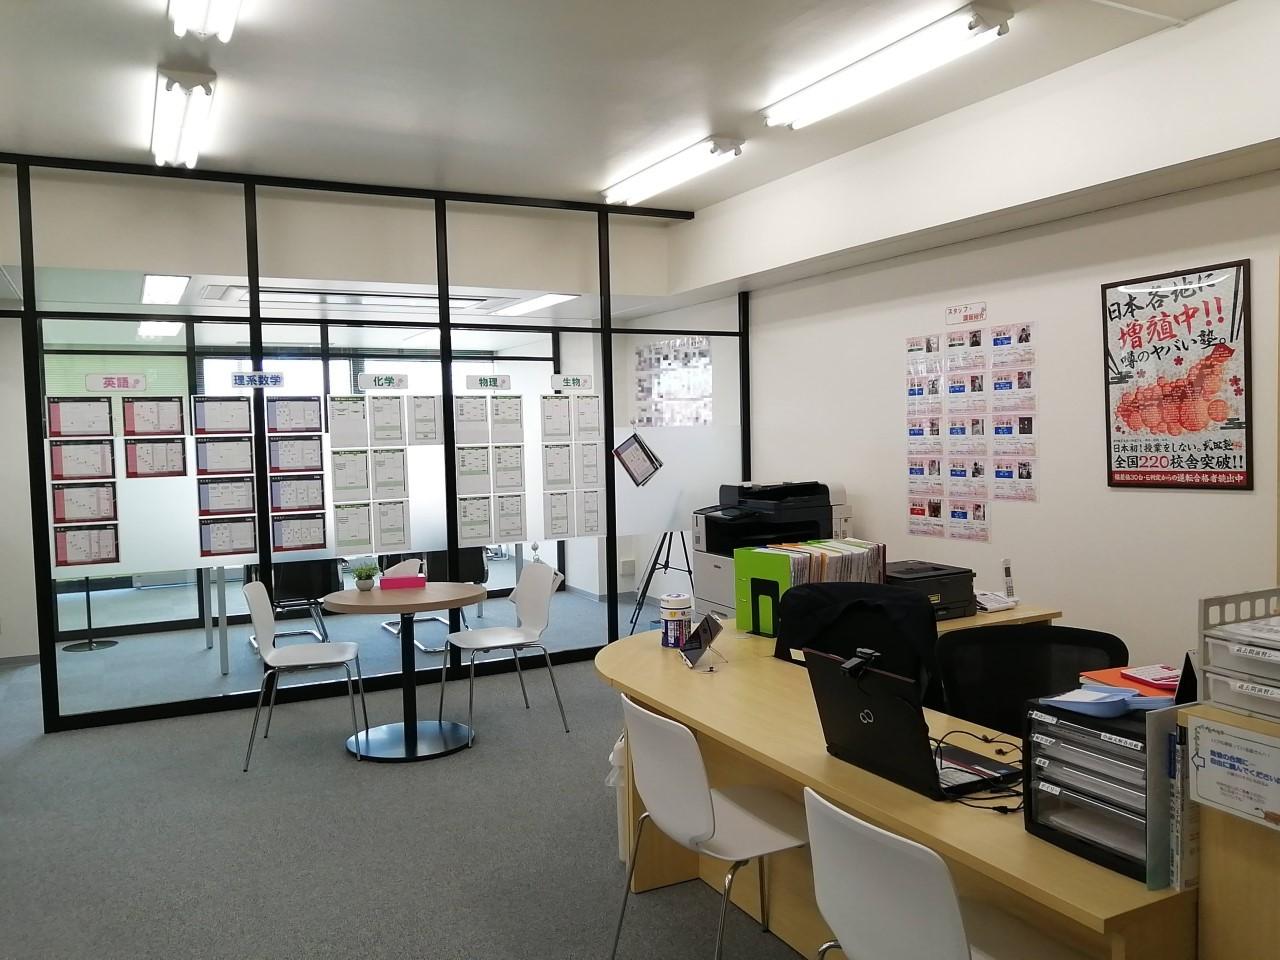 教室202105